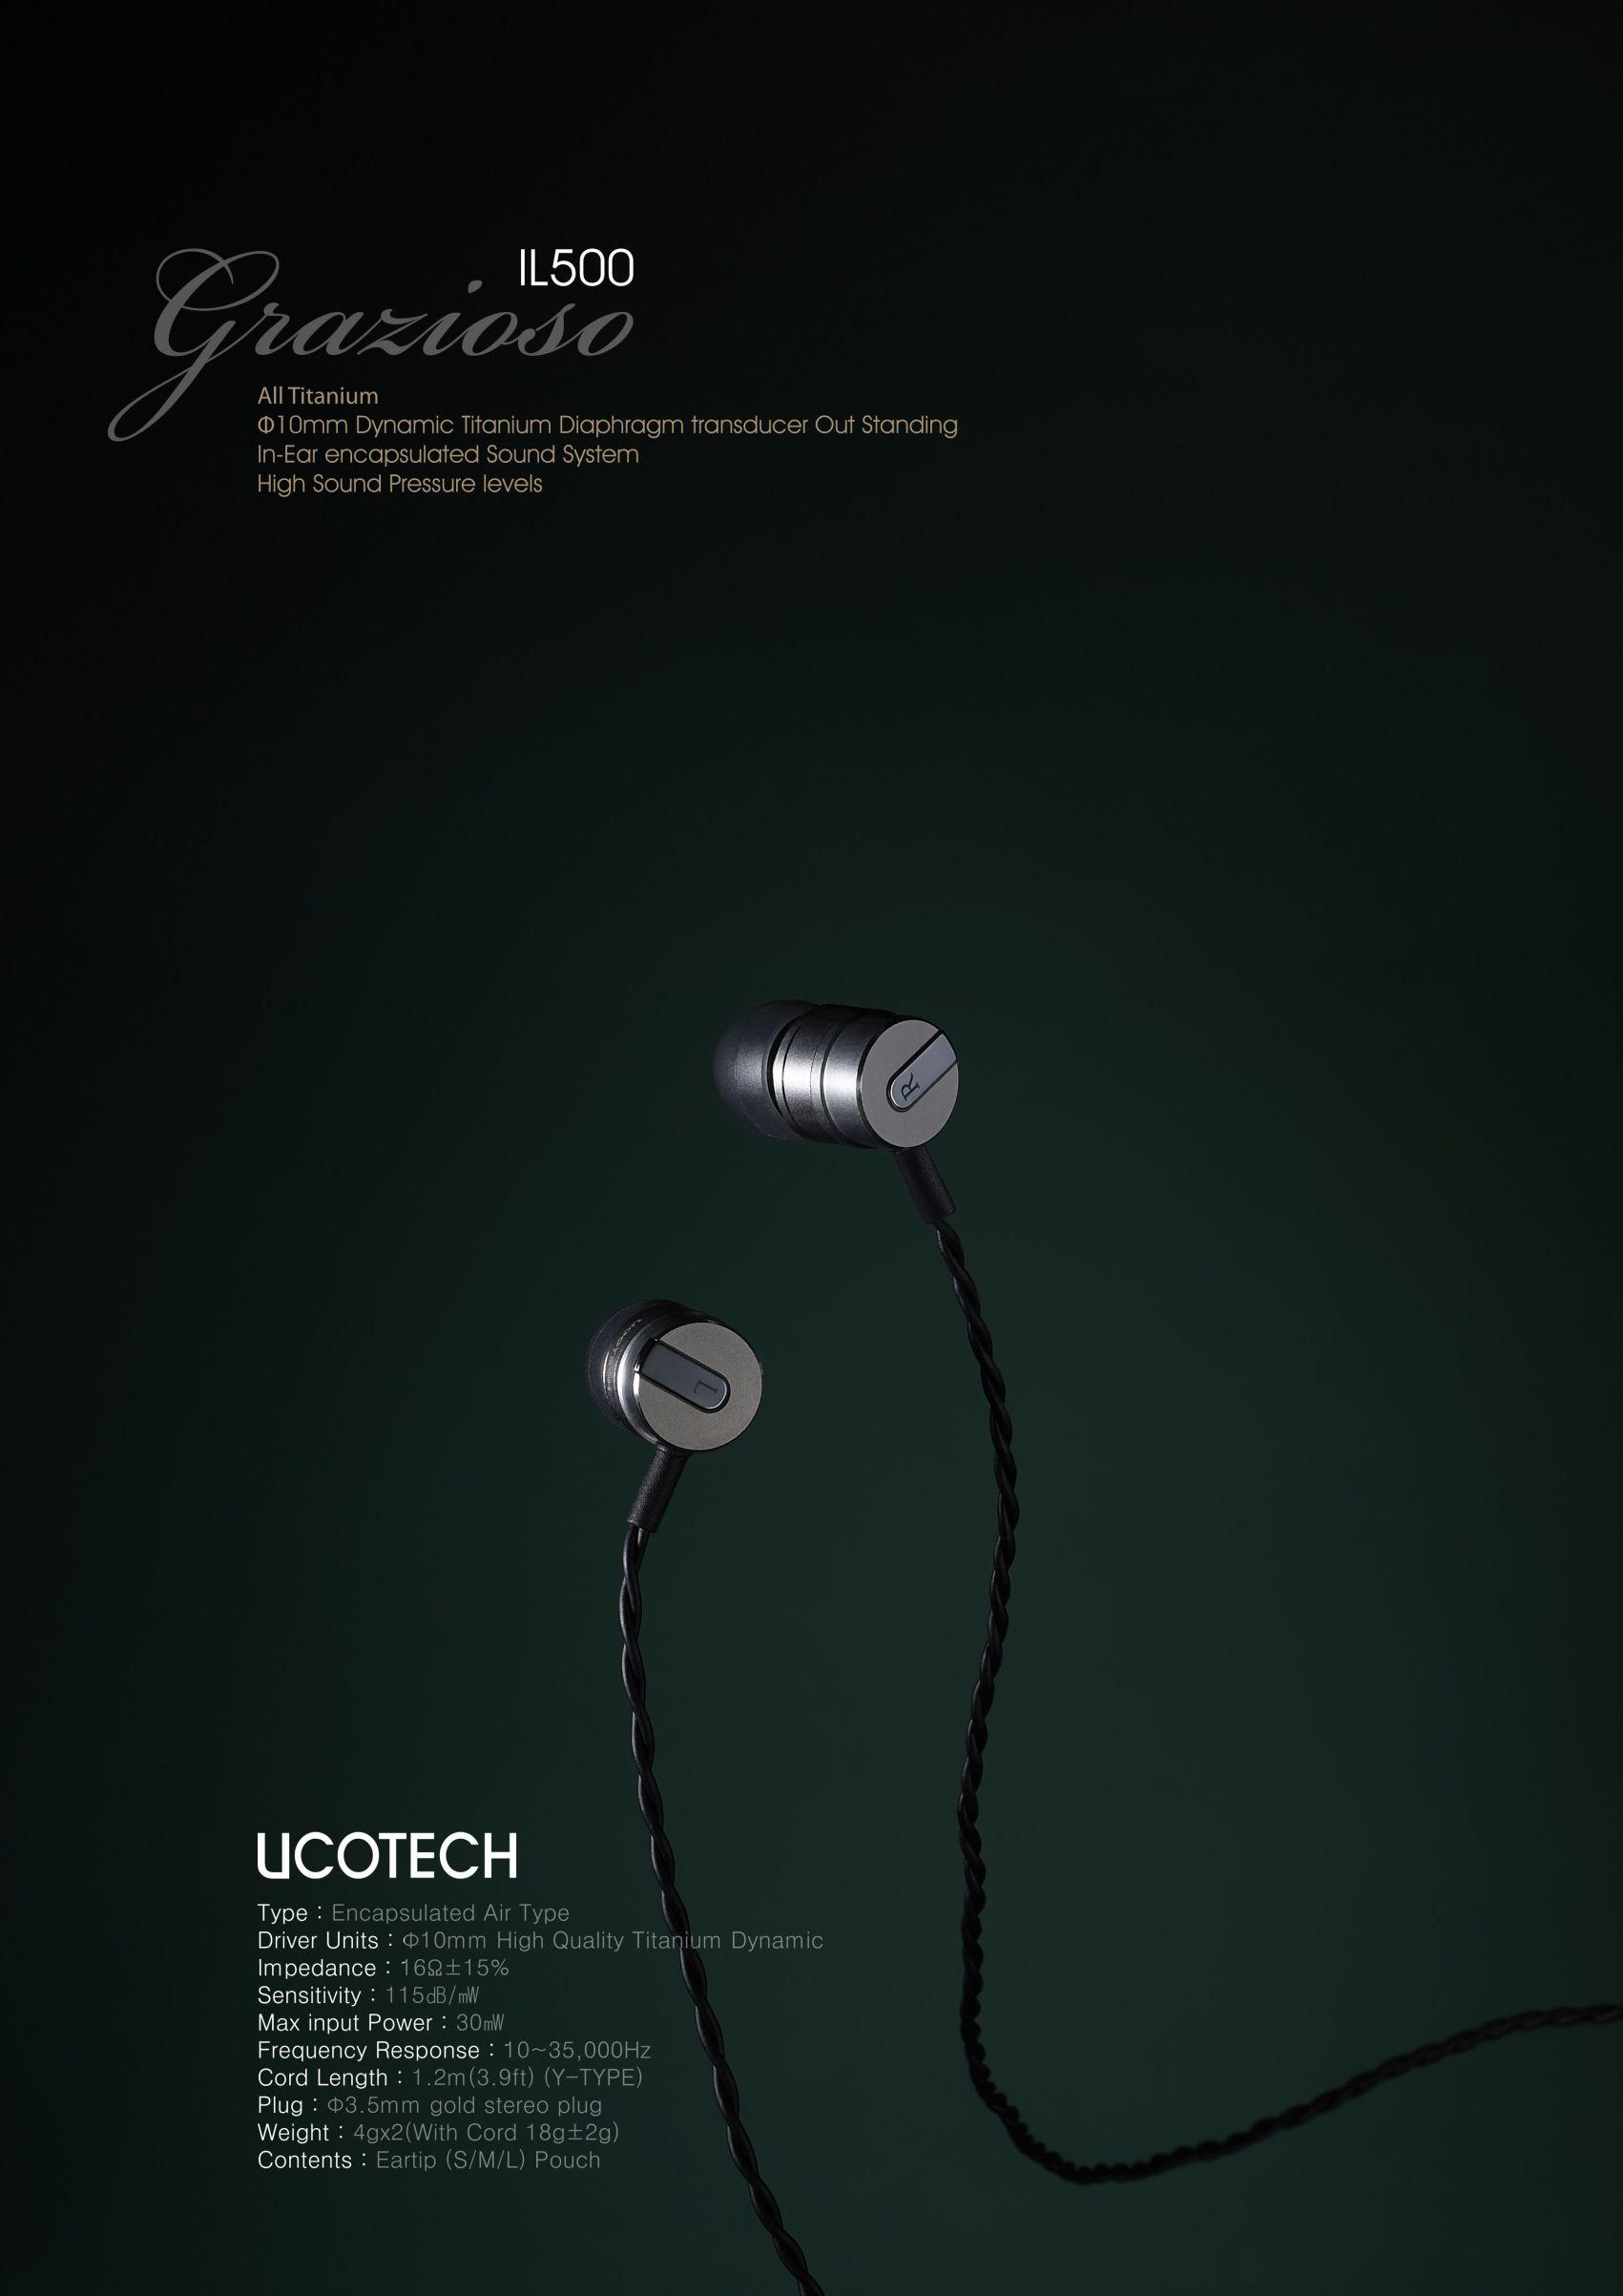 カナル型チタンイヤフォン UCOTECH UCT-IL500grazioso